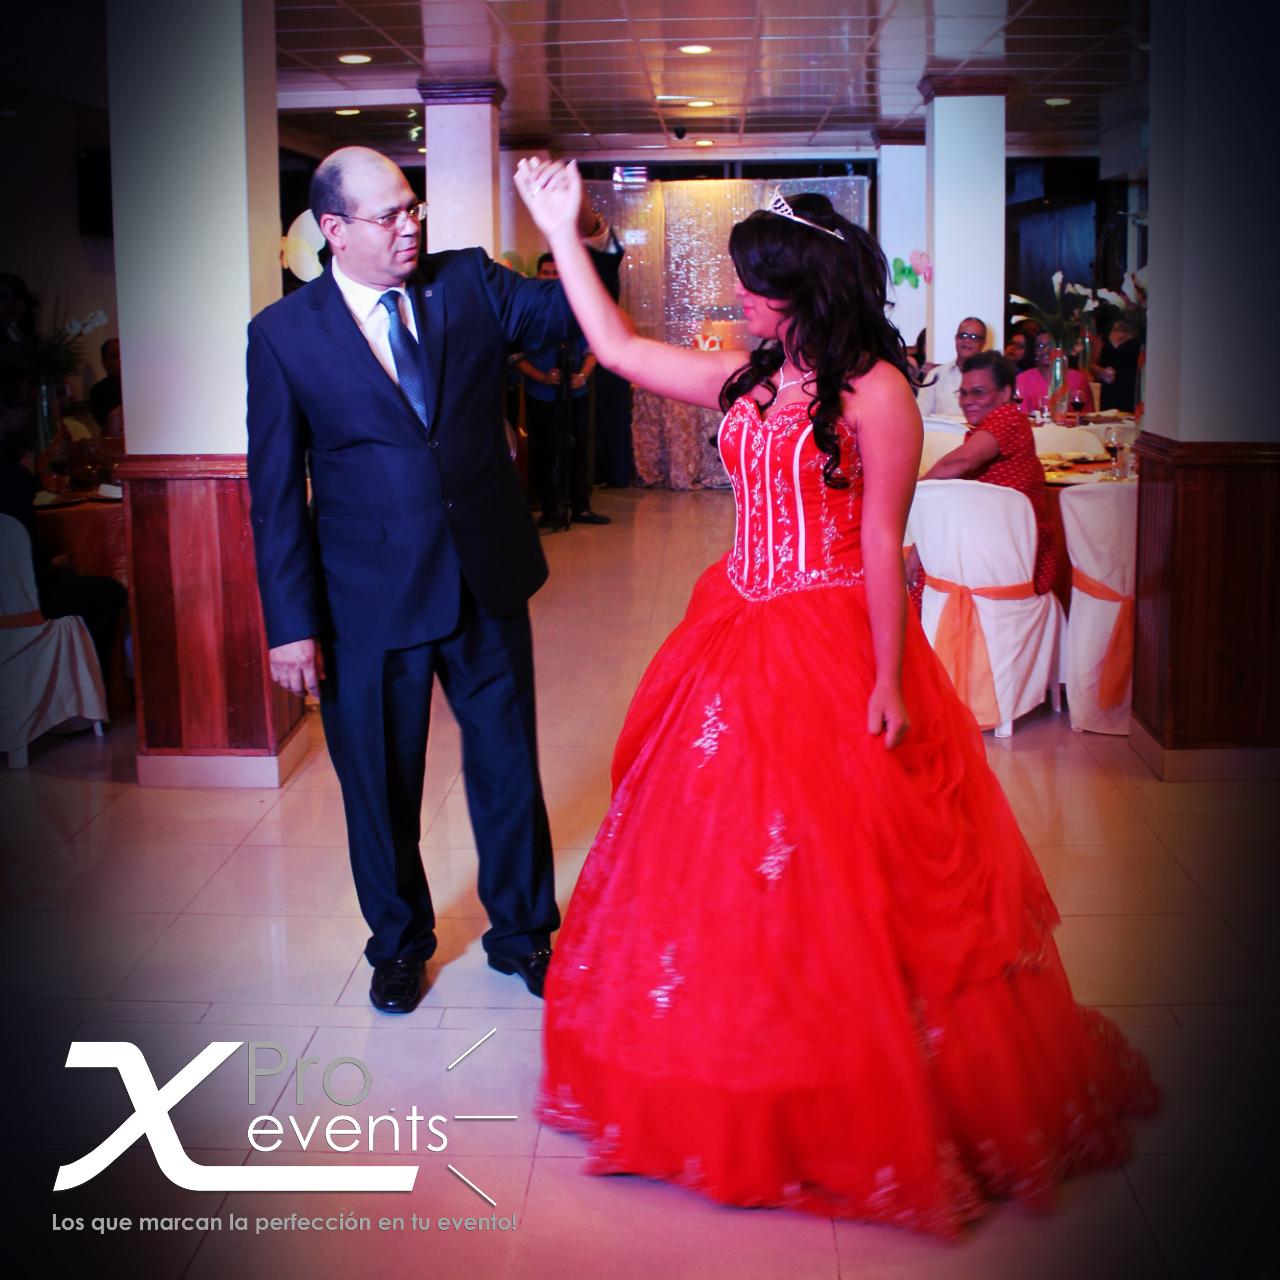 www.Xproevents.com - Quinces.JPG